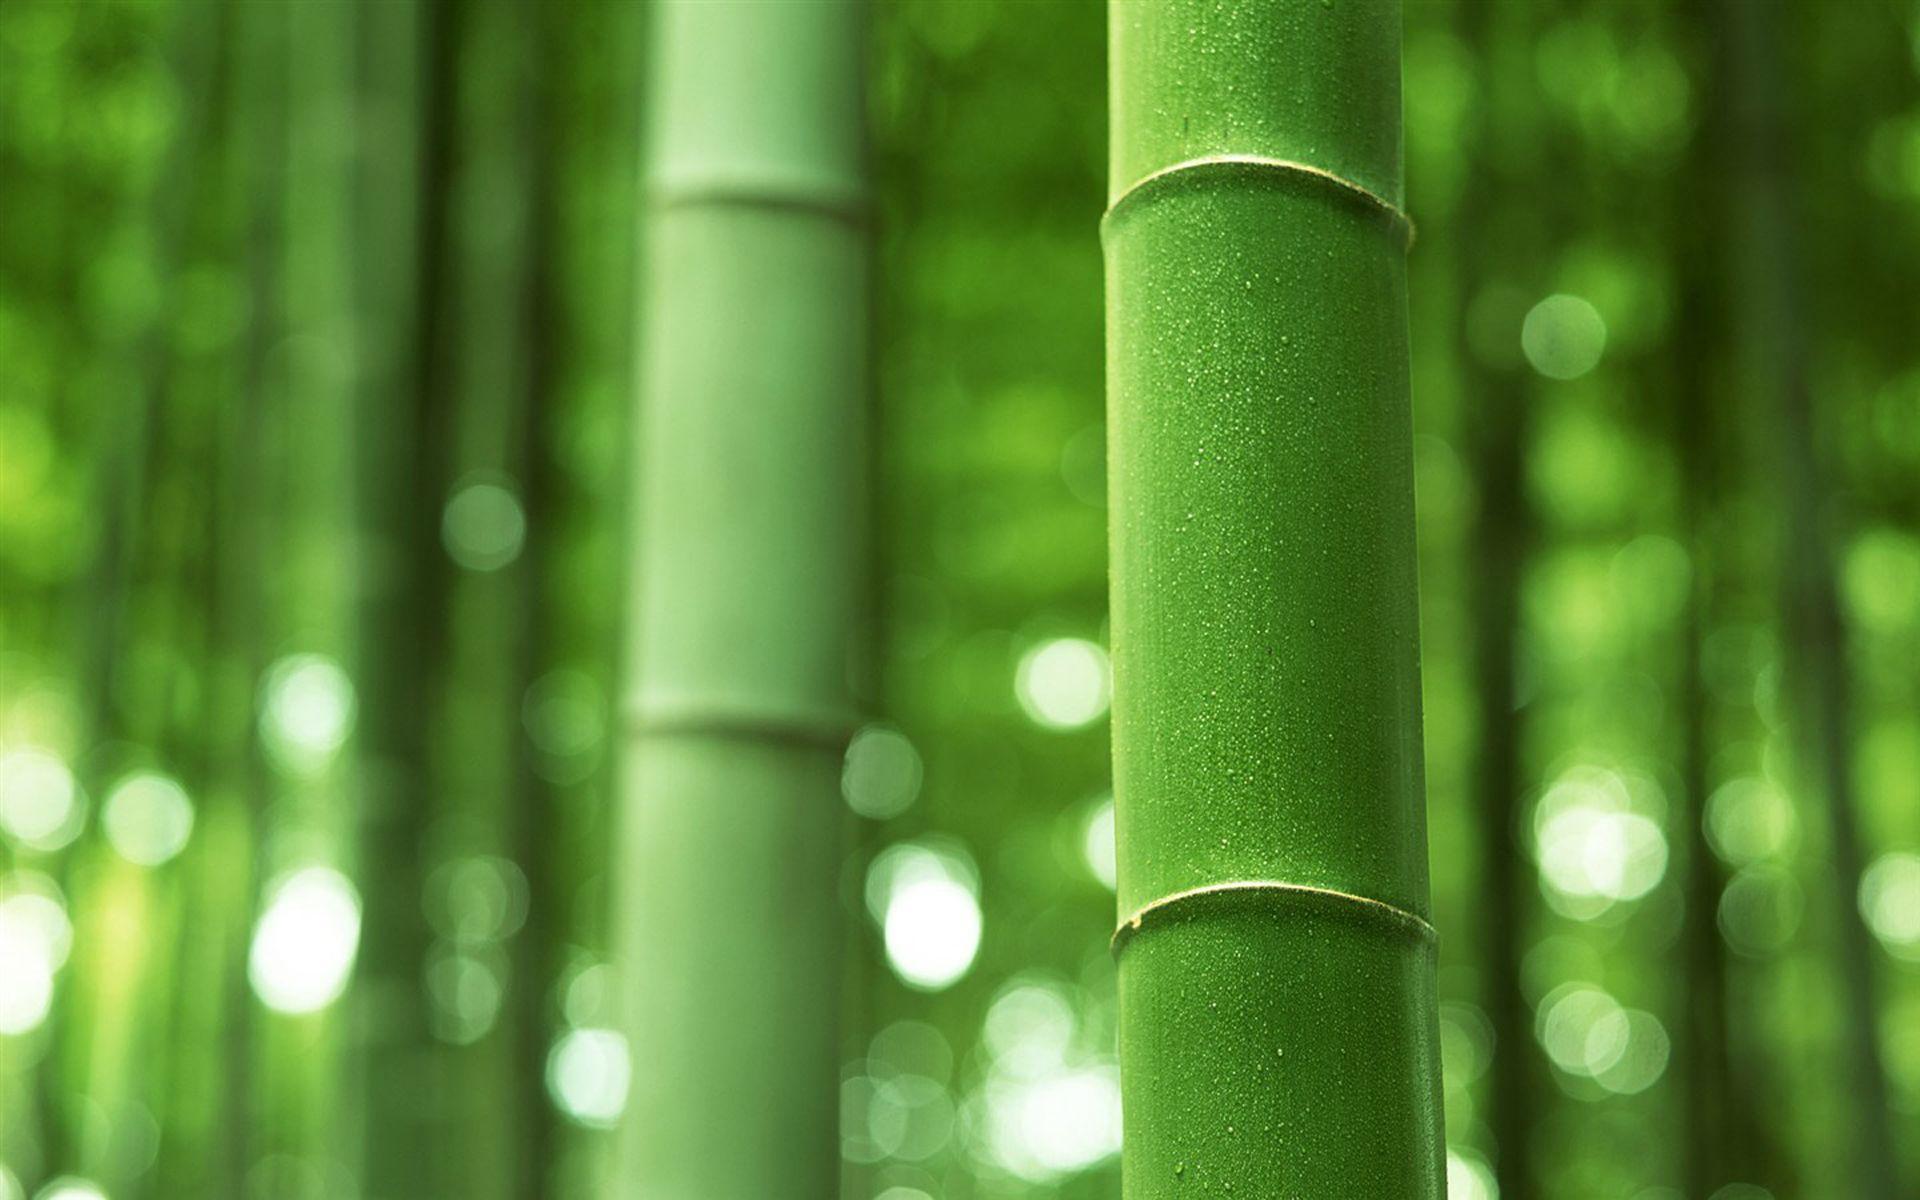 高清绿色风景桌面壁纸图片